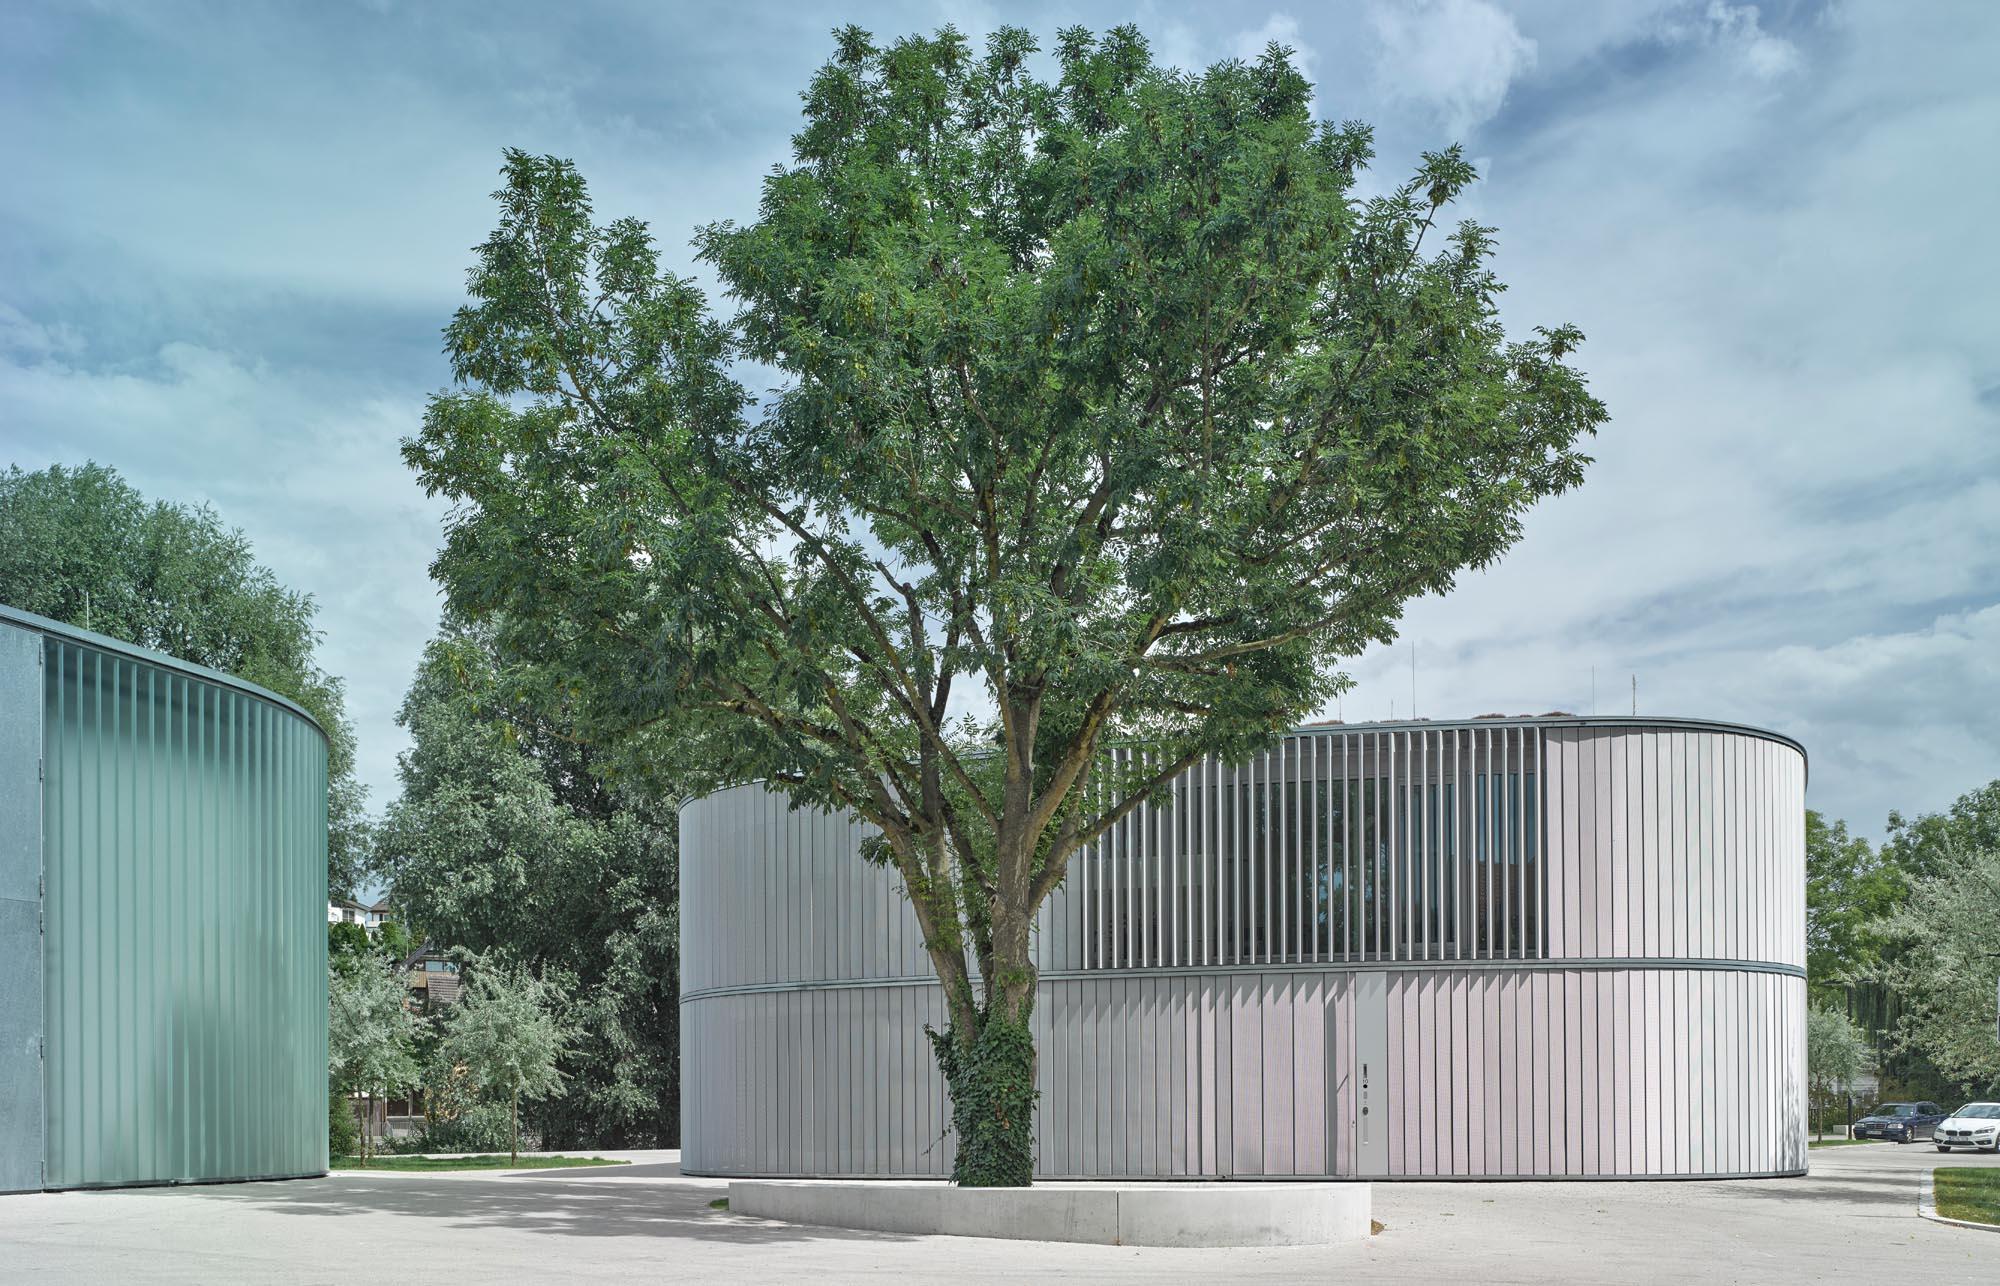 OPC 160804 10067 - Galerie Stihl Waiblingen: Außenansichten aus sechs Perspektiven und vier Jahreszeiten